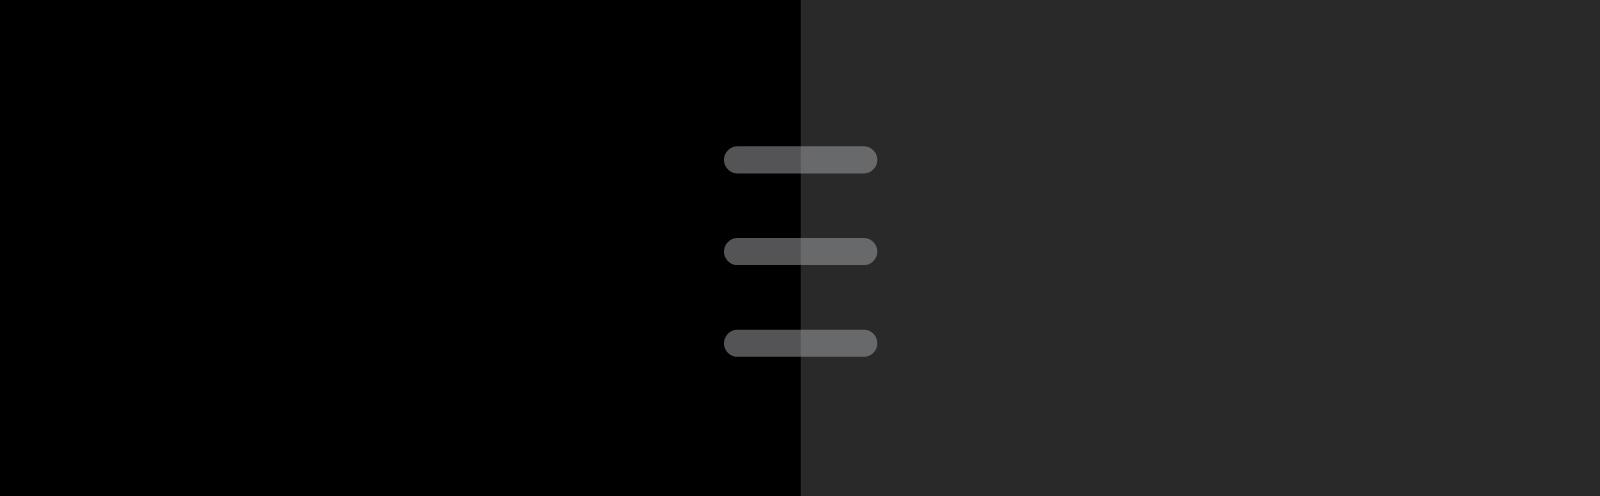 background_01_logo_black_gr